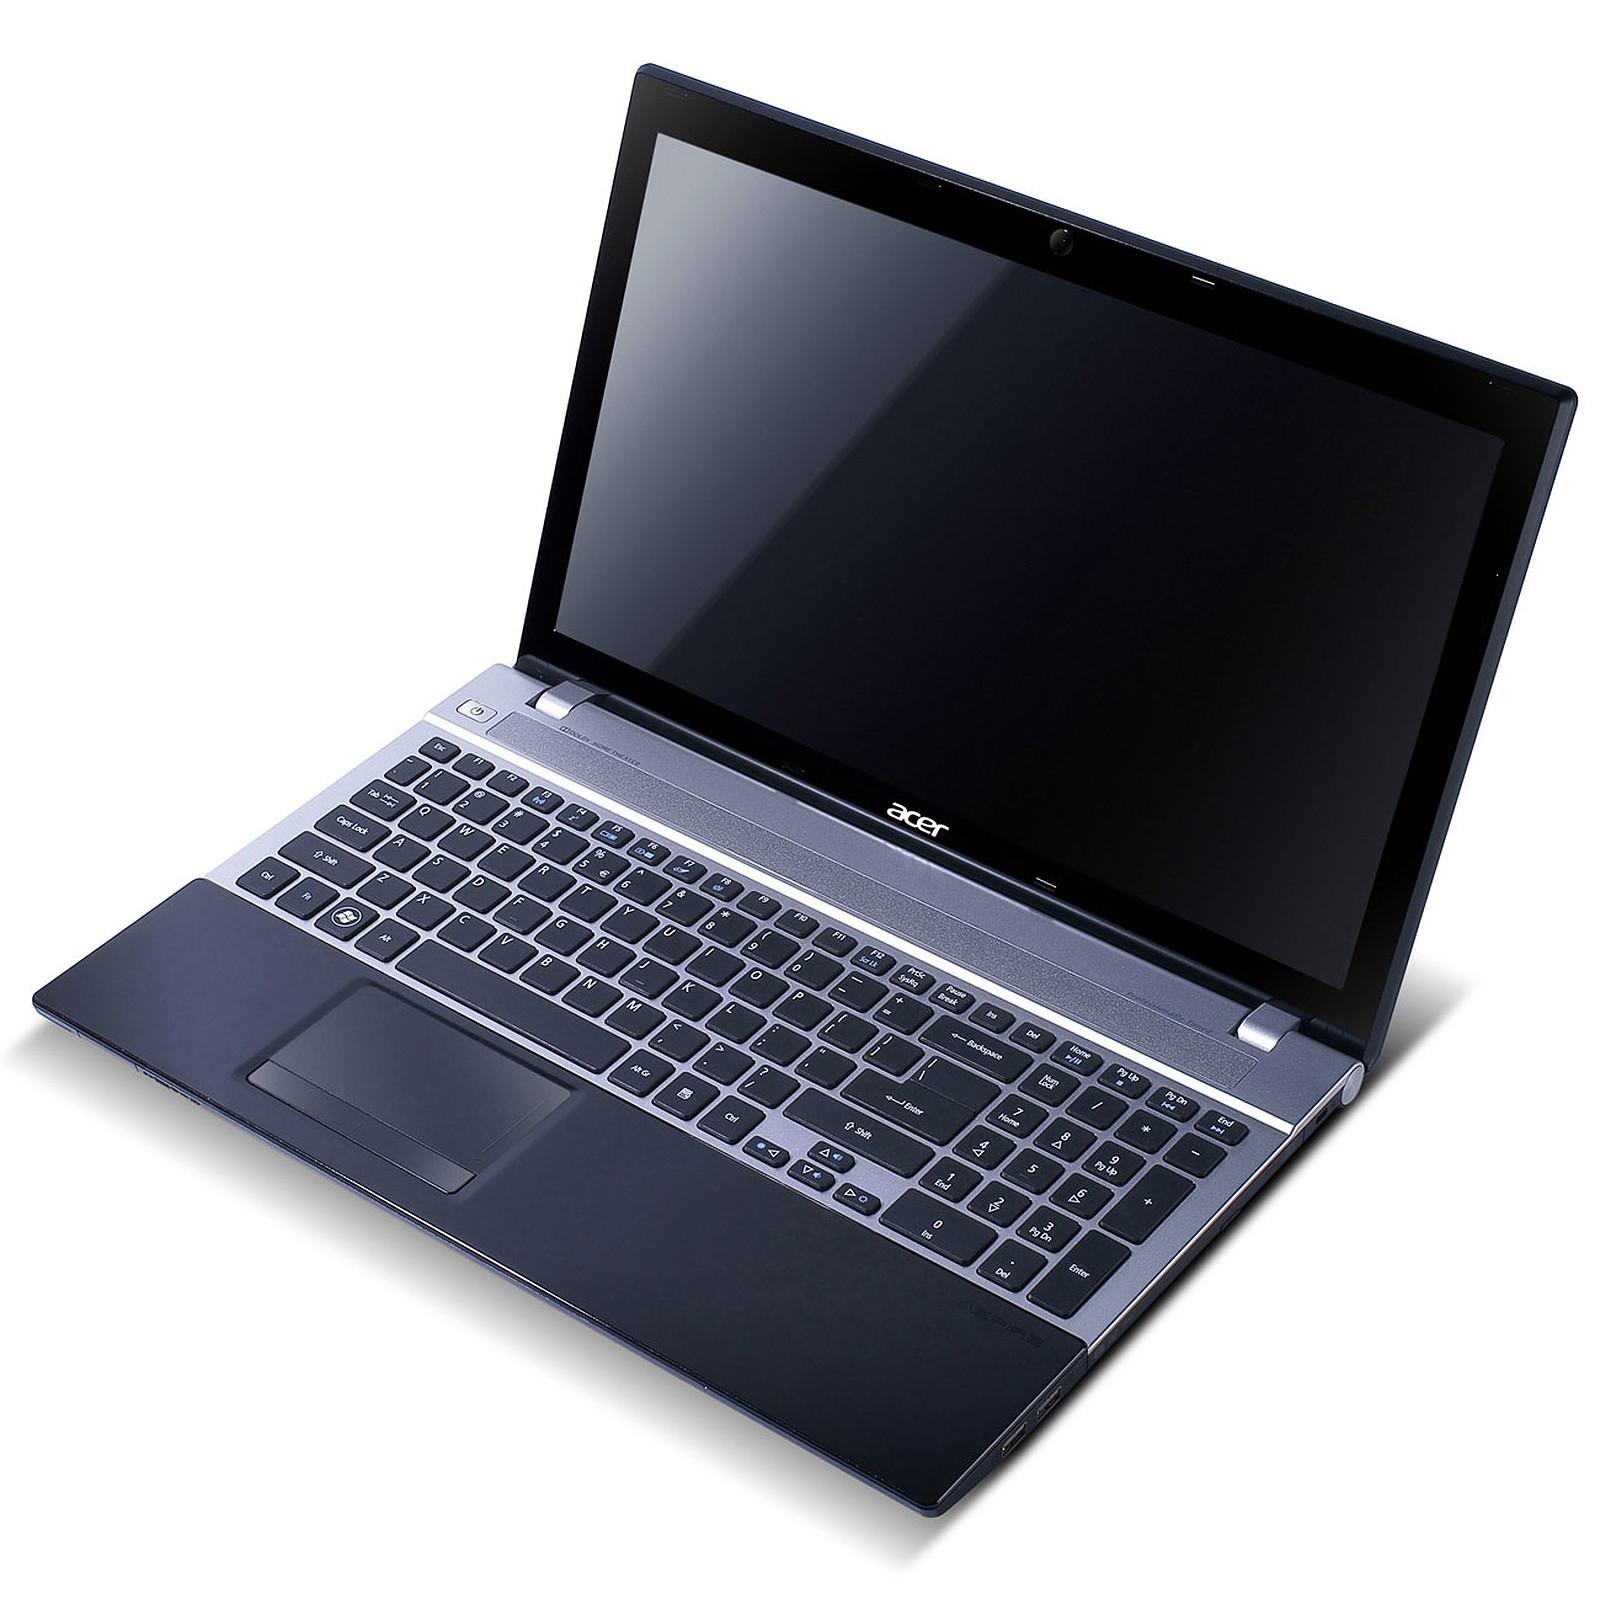 Acer Aspire V3-571G-53236G75Makk